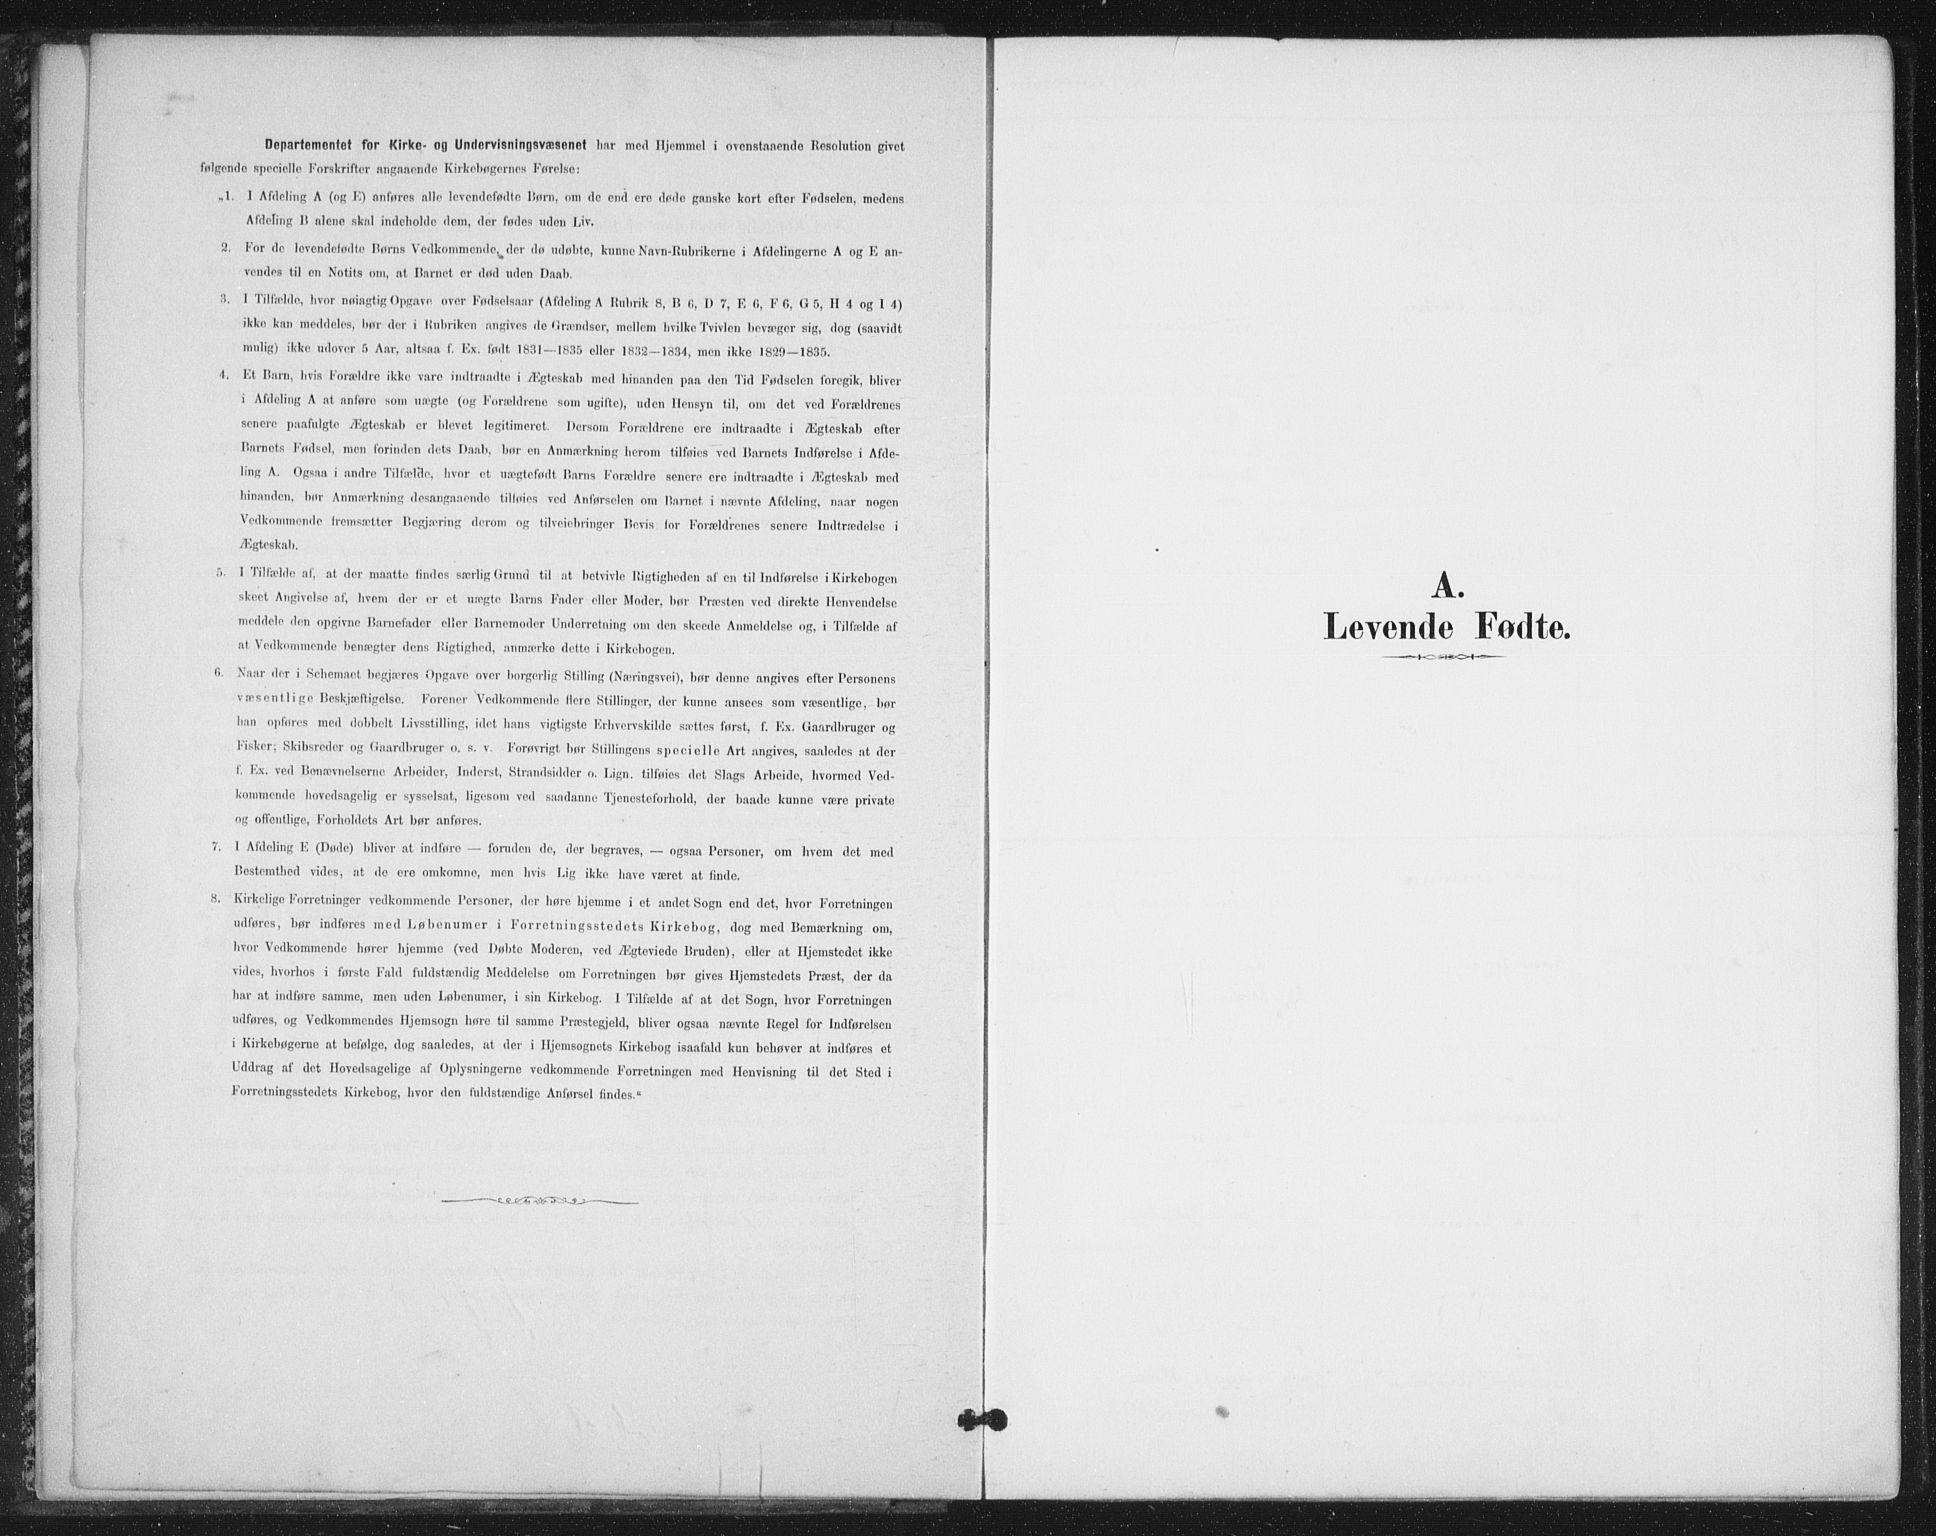 SAT, Ministerialprotokoller, klokkerbøker og fødselsregistre - Nord-Trøndelag, 772/L0603: Ministerialbok nr. 772A01, 1885-1912